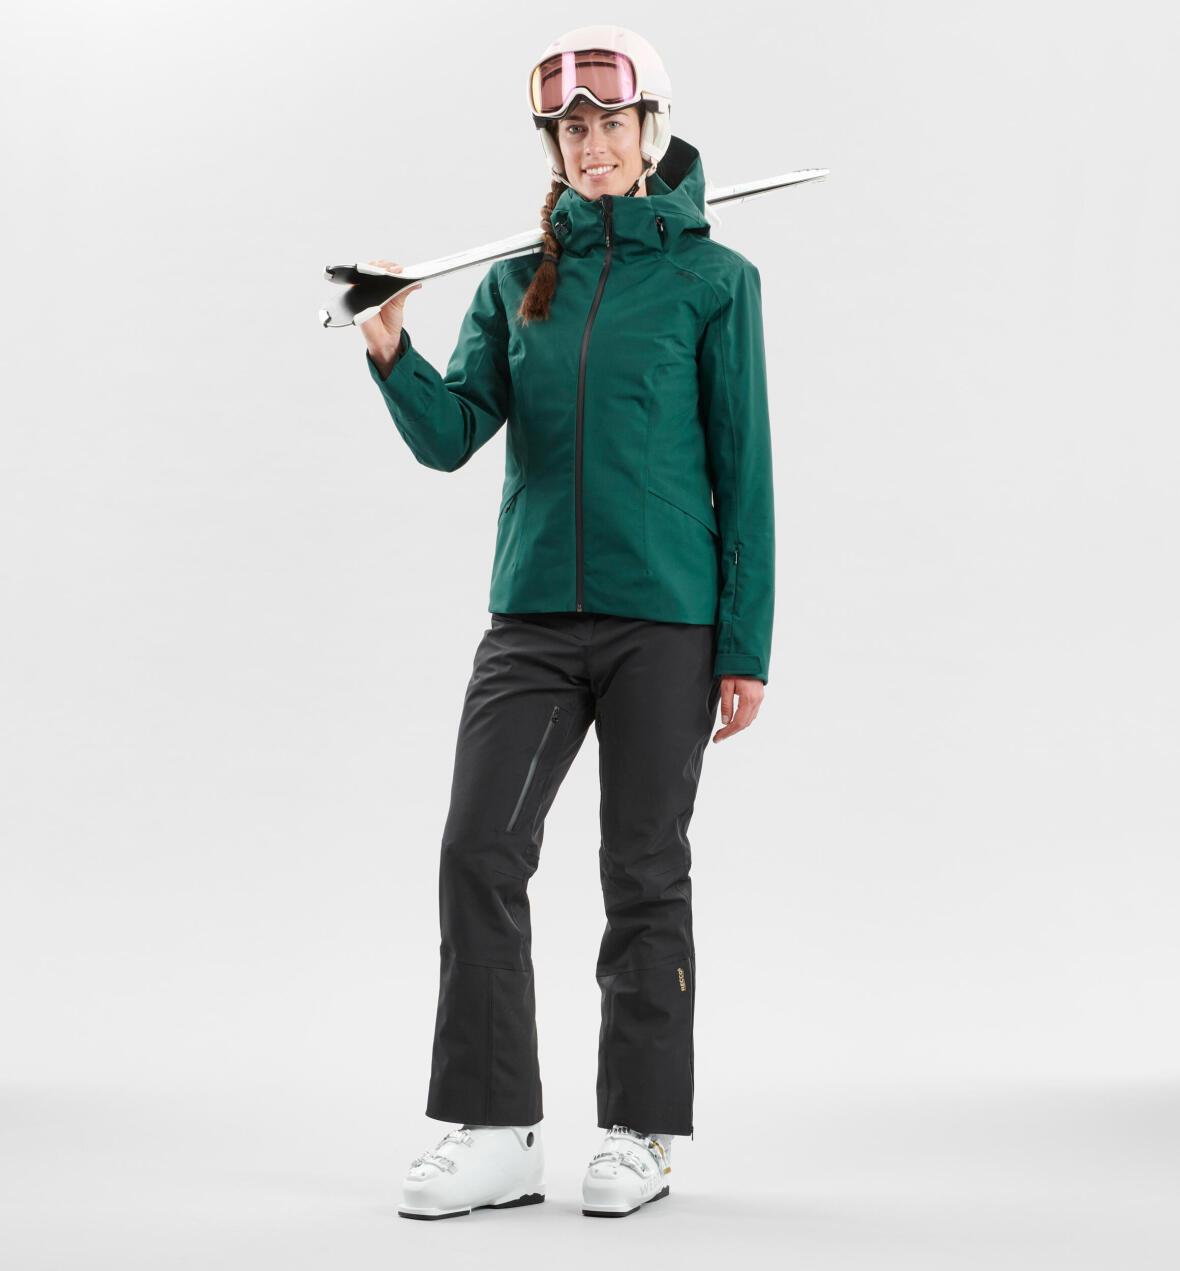 Downhill skiing jacket and pants